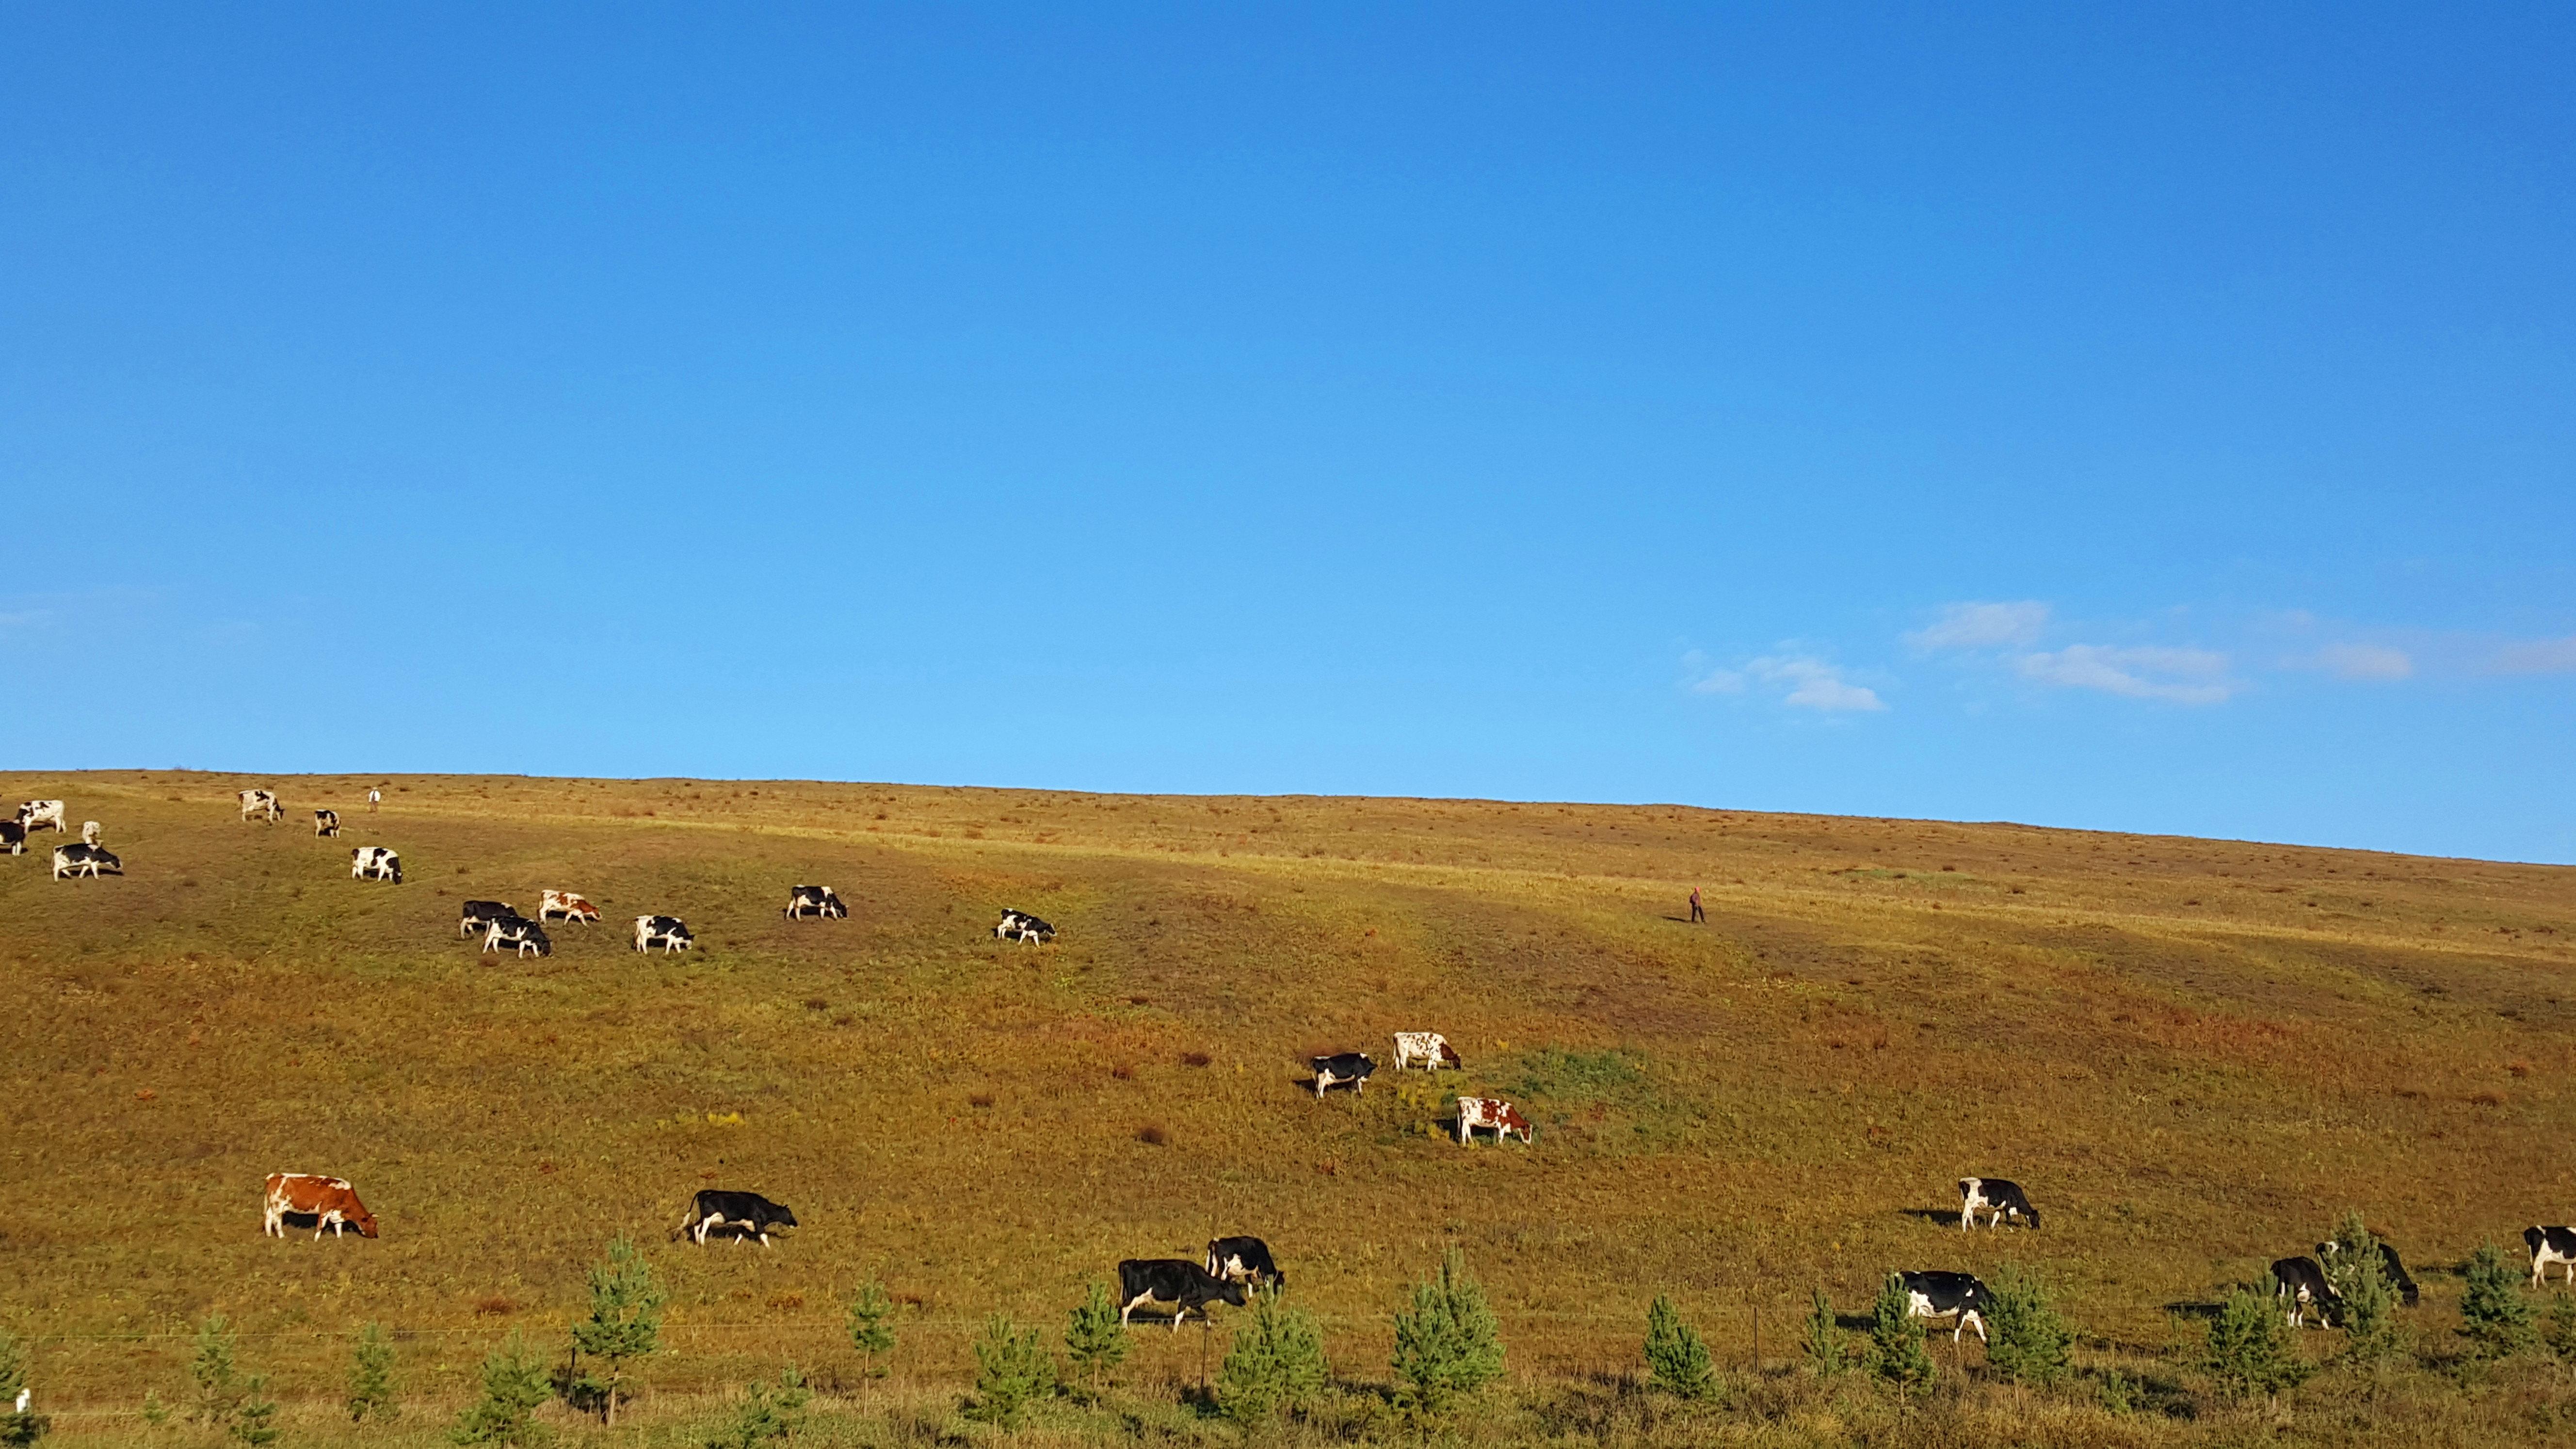 遇见初秋的你一内蒙古呼伦贝尔大草原之旅